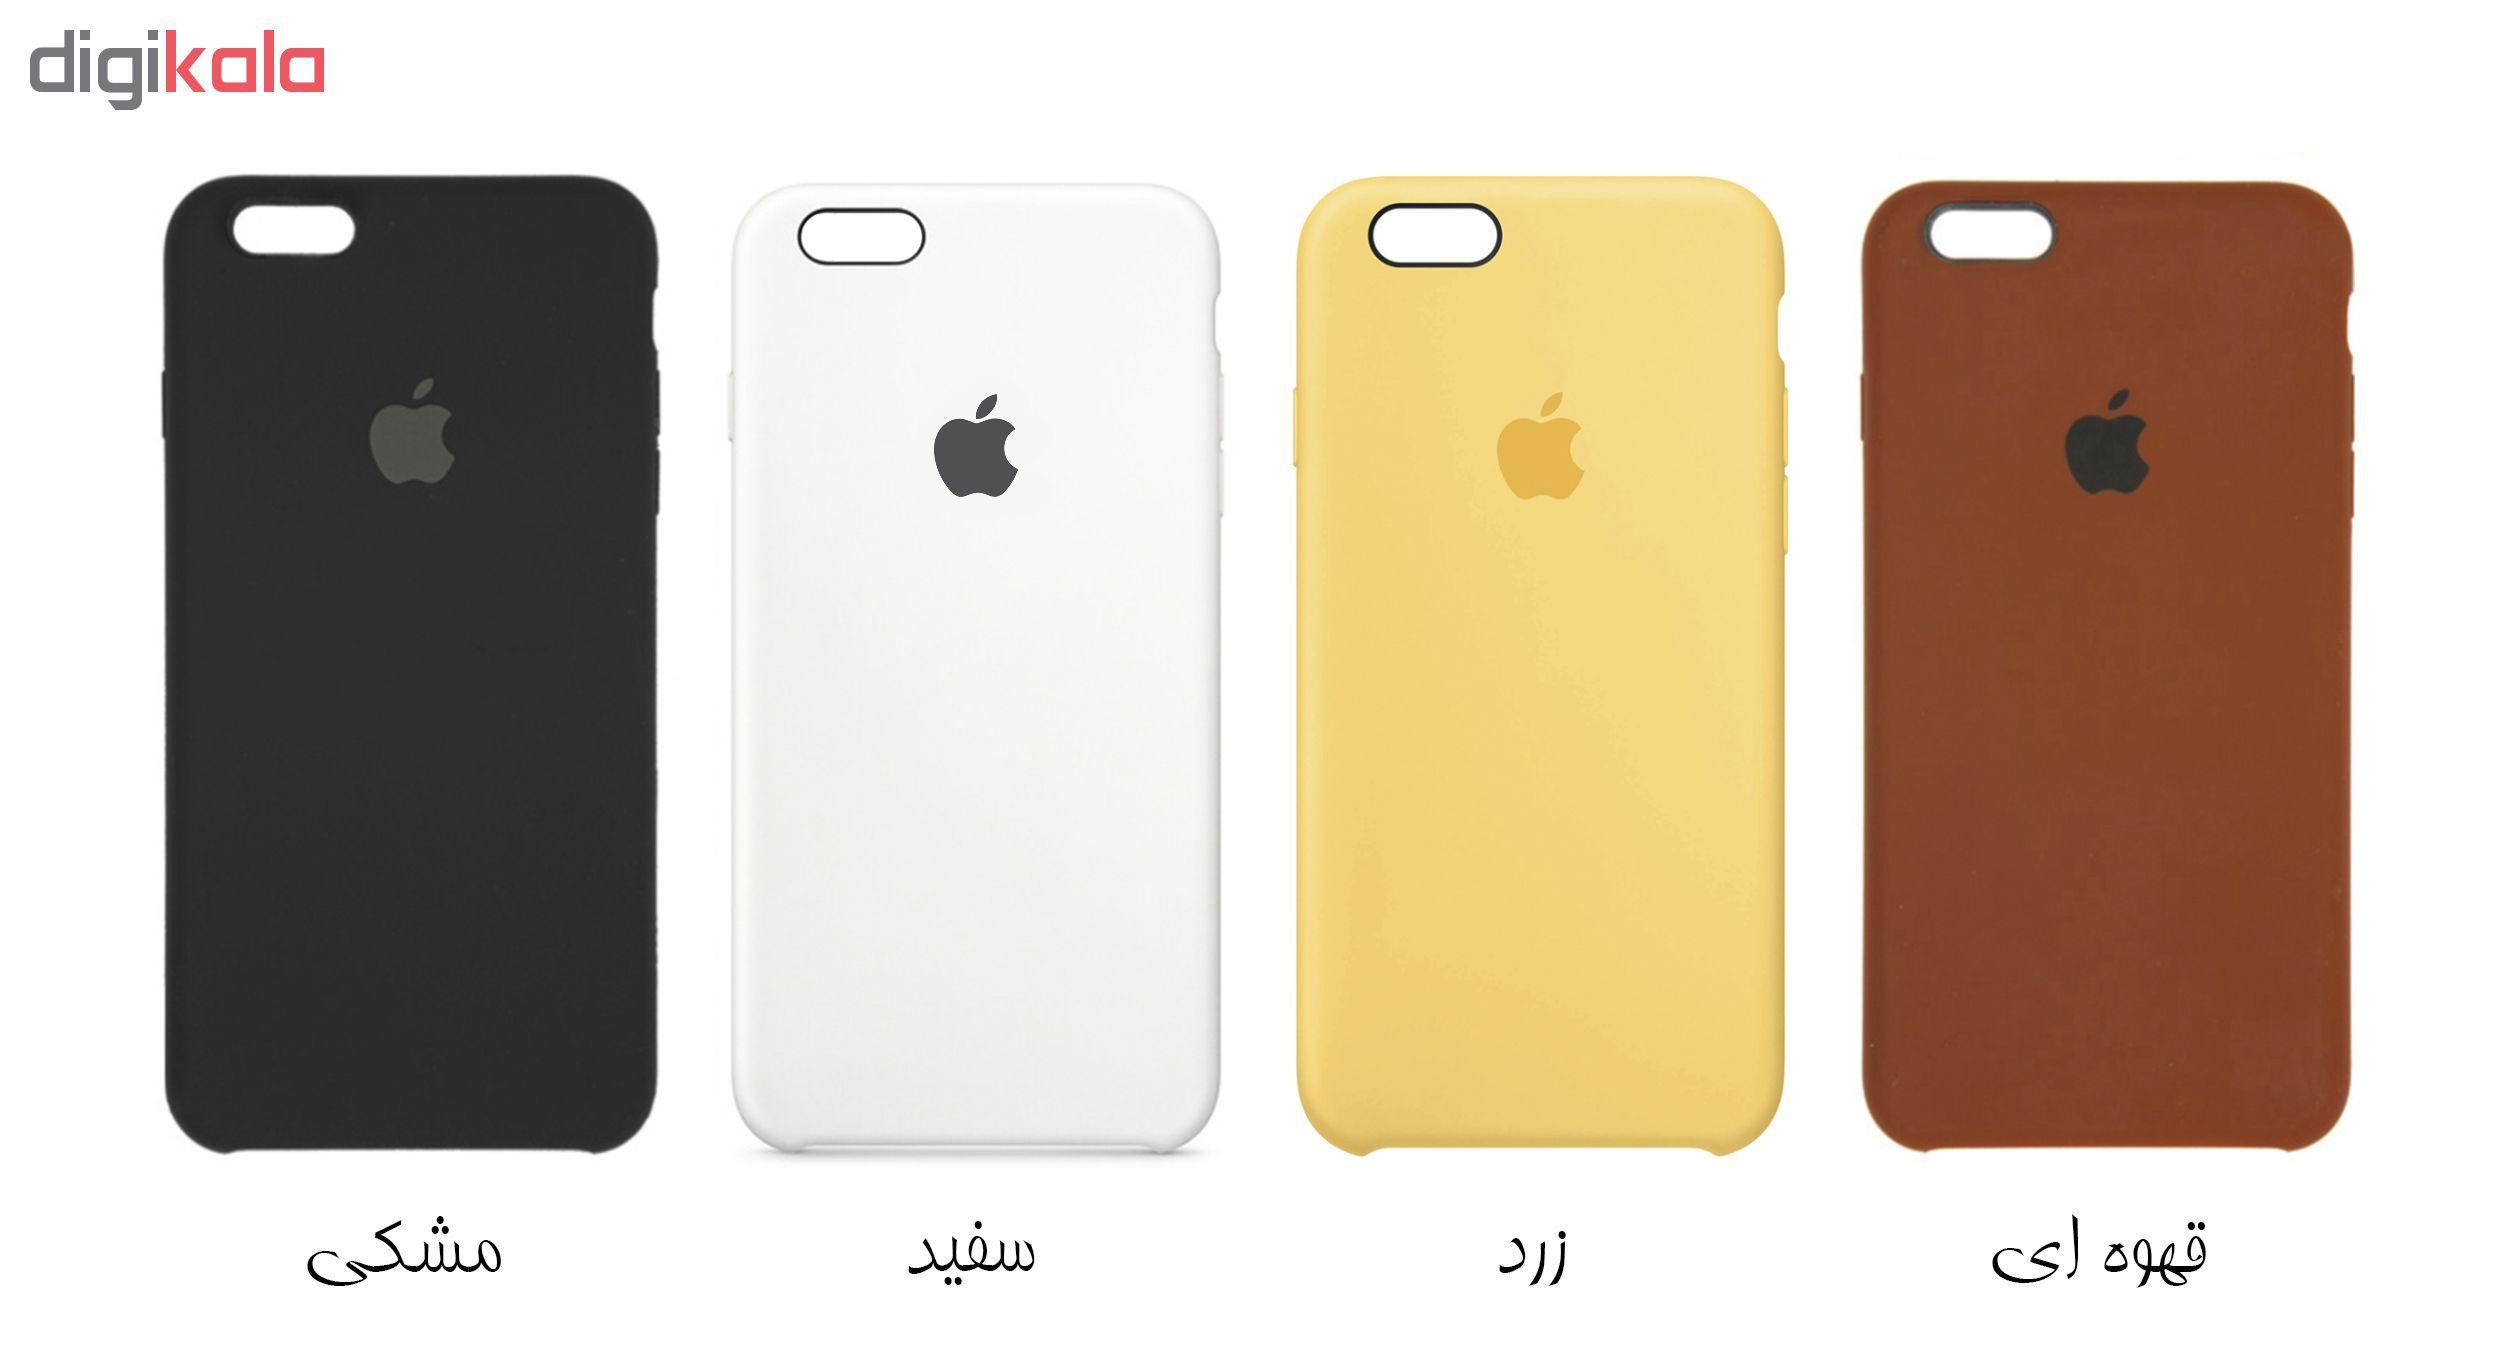 کاور مدل SlC مناسب برای گوشی موبایل آیفون 6/6s main 1 15